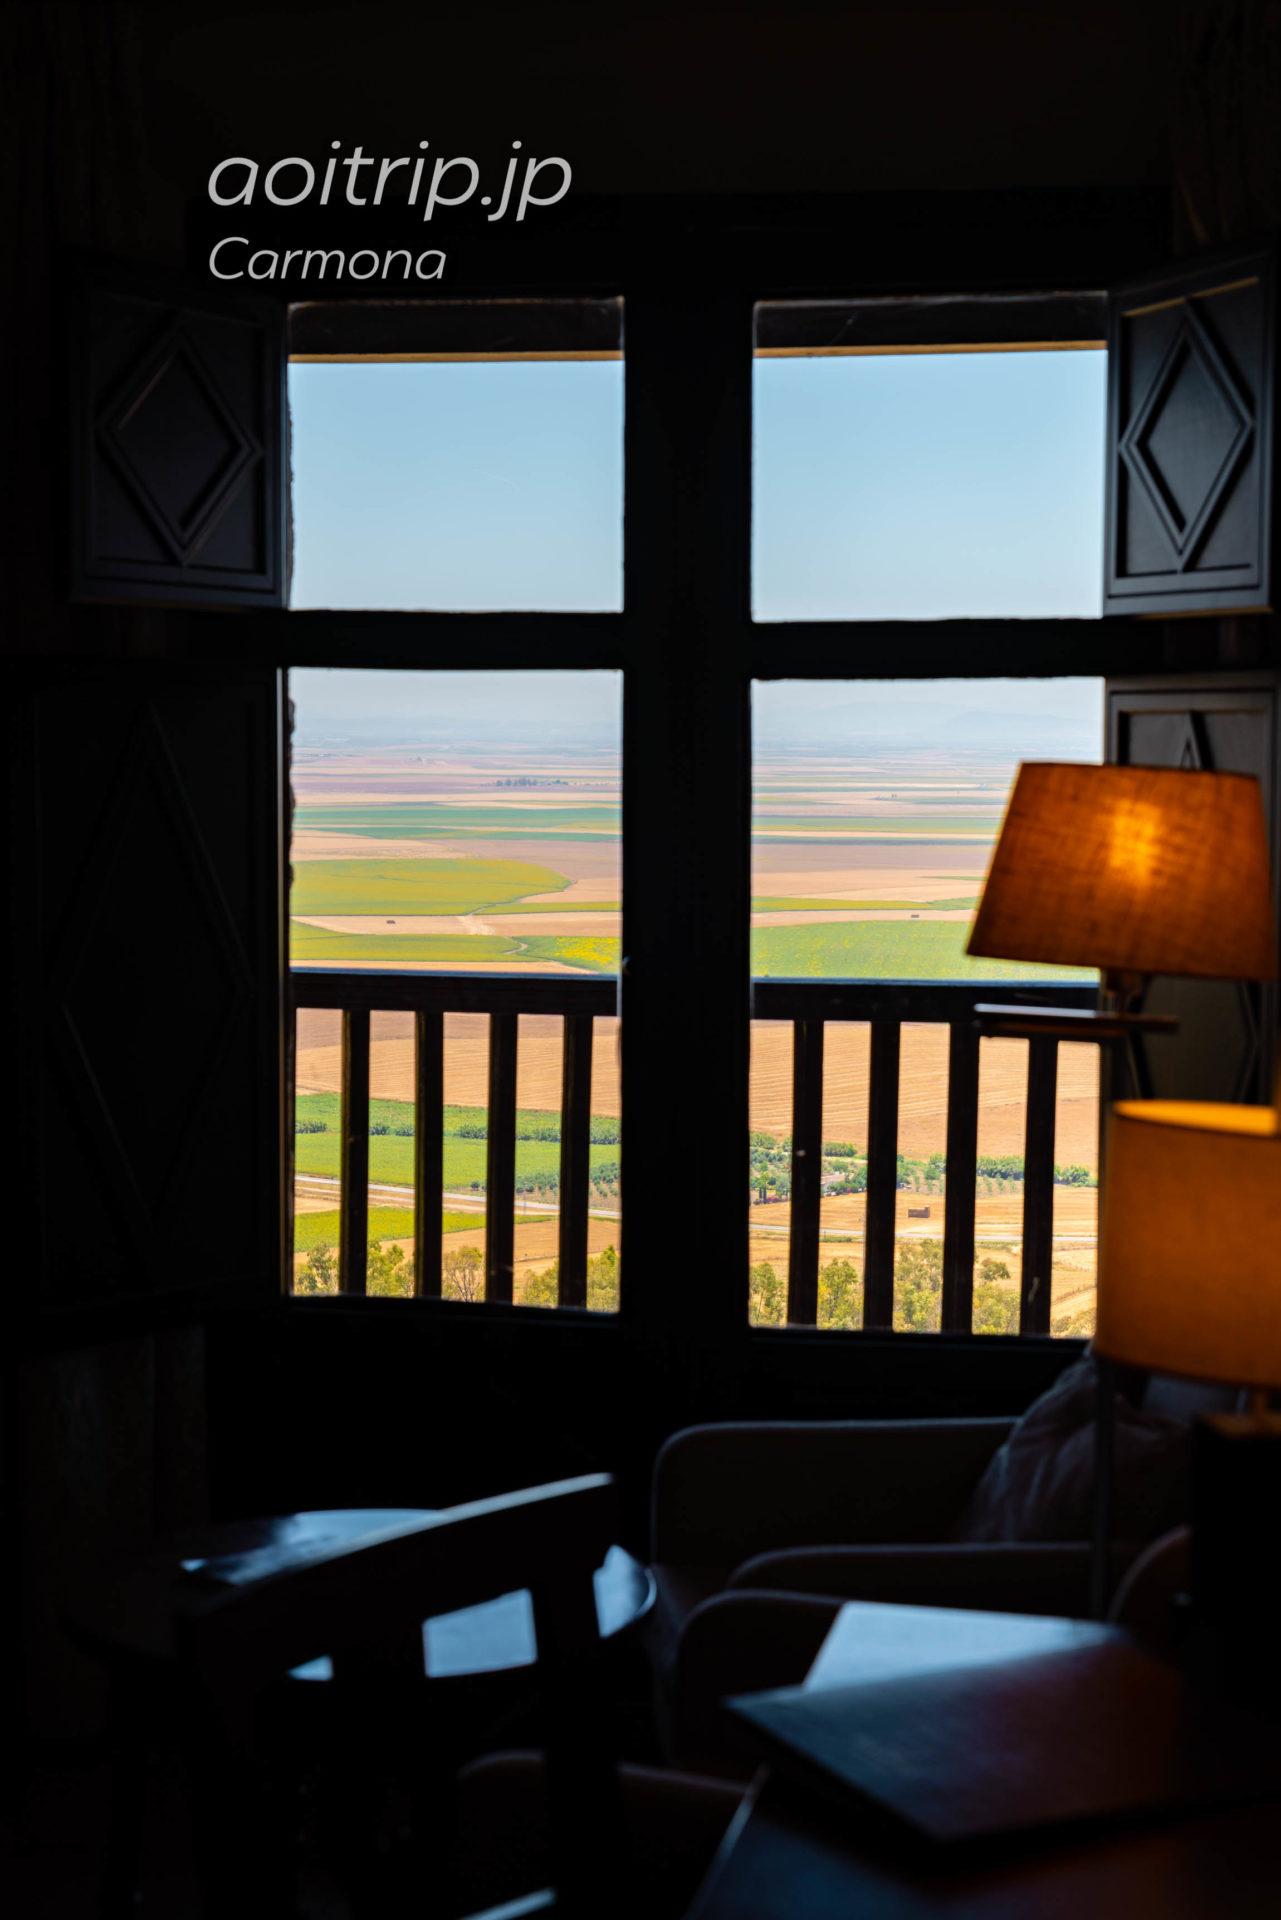 パラドールデカルモナの窓からの眺望